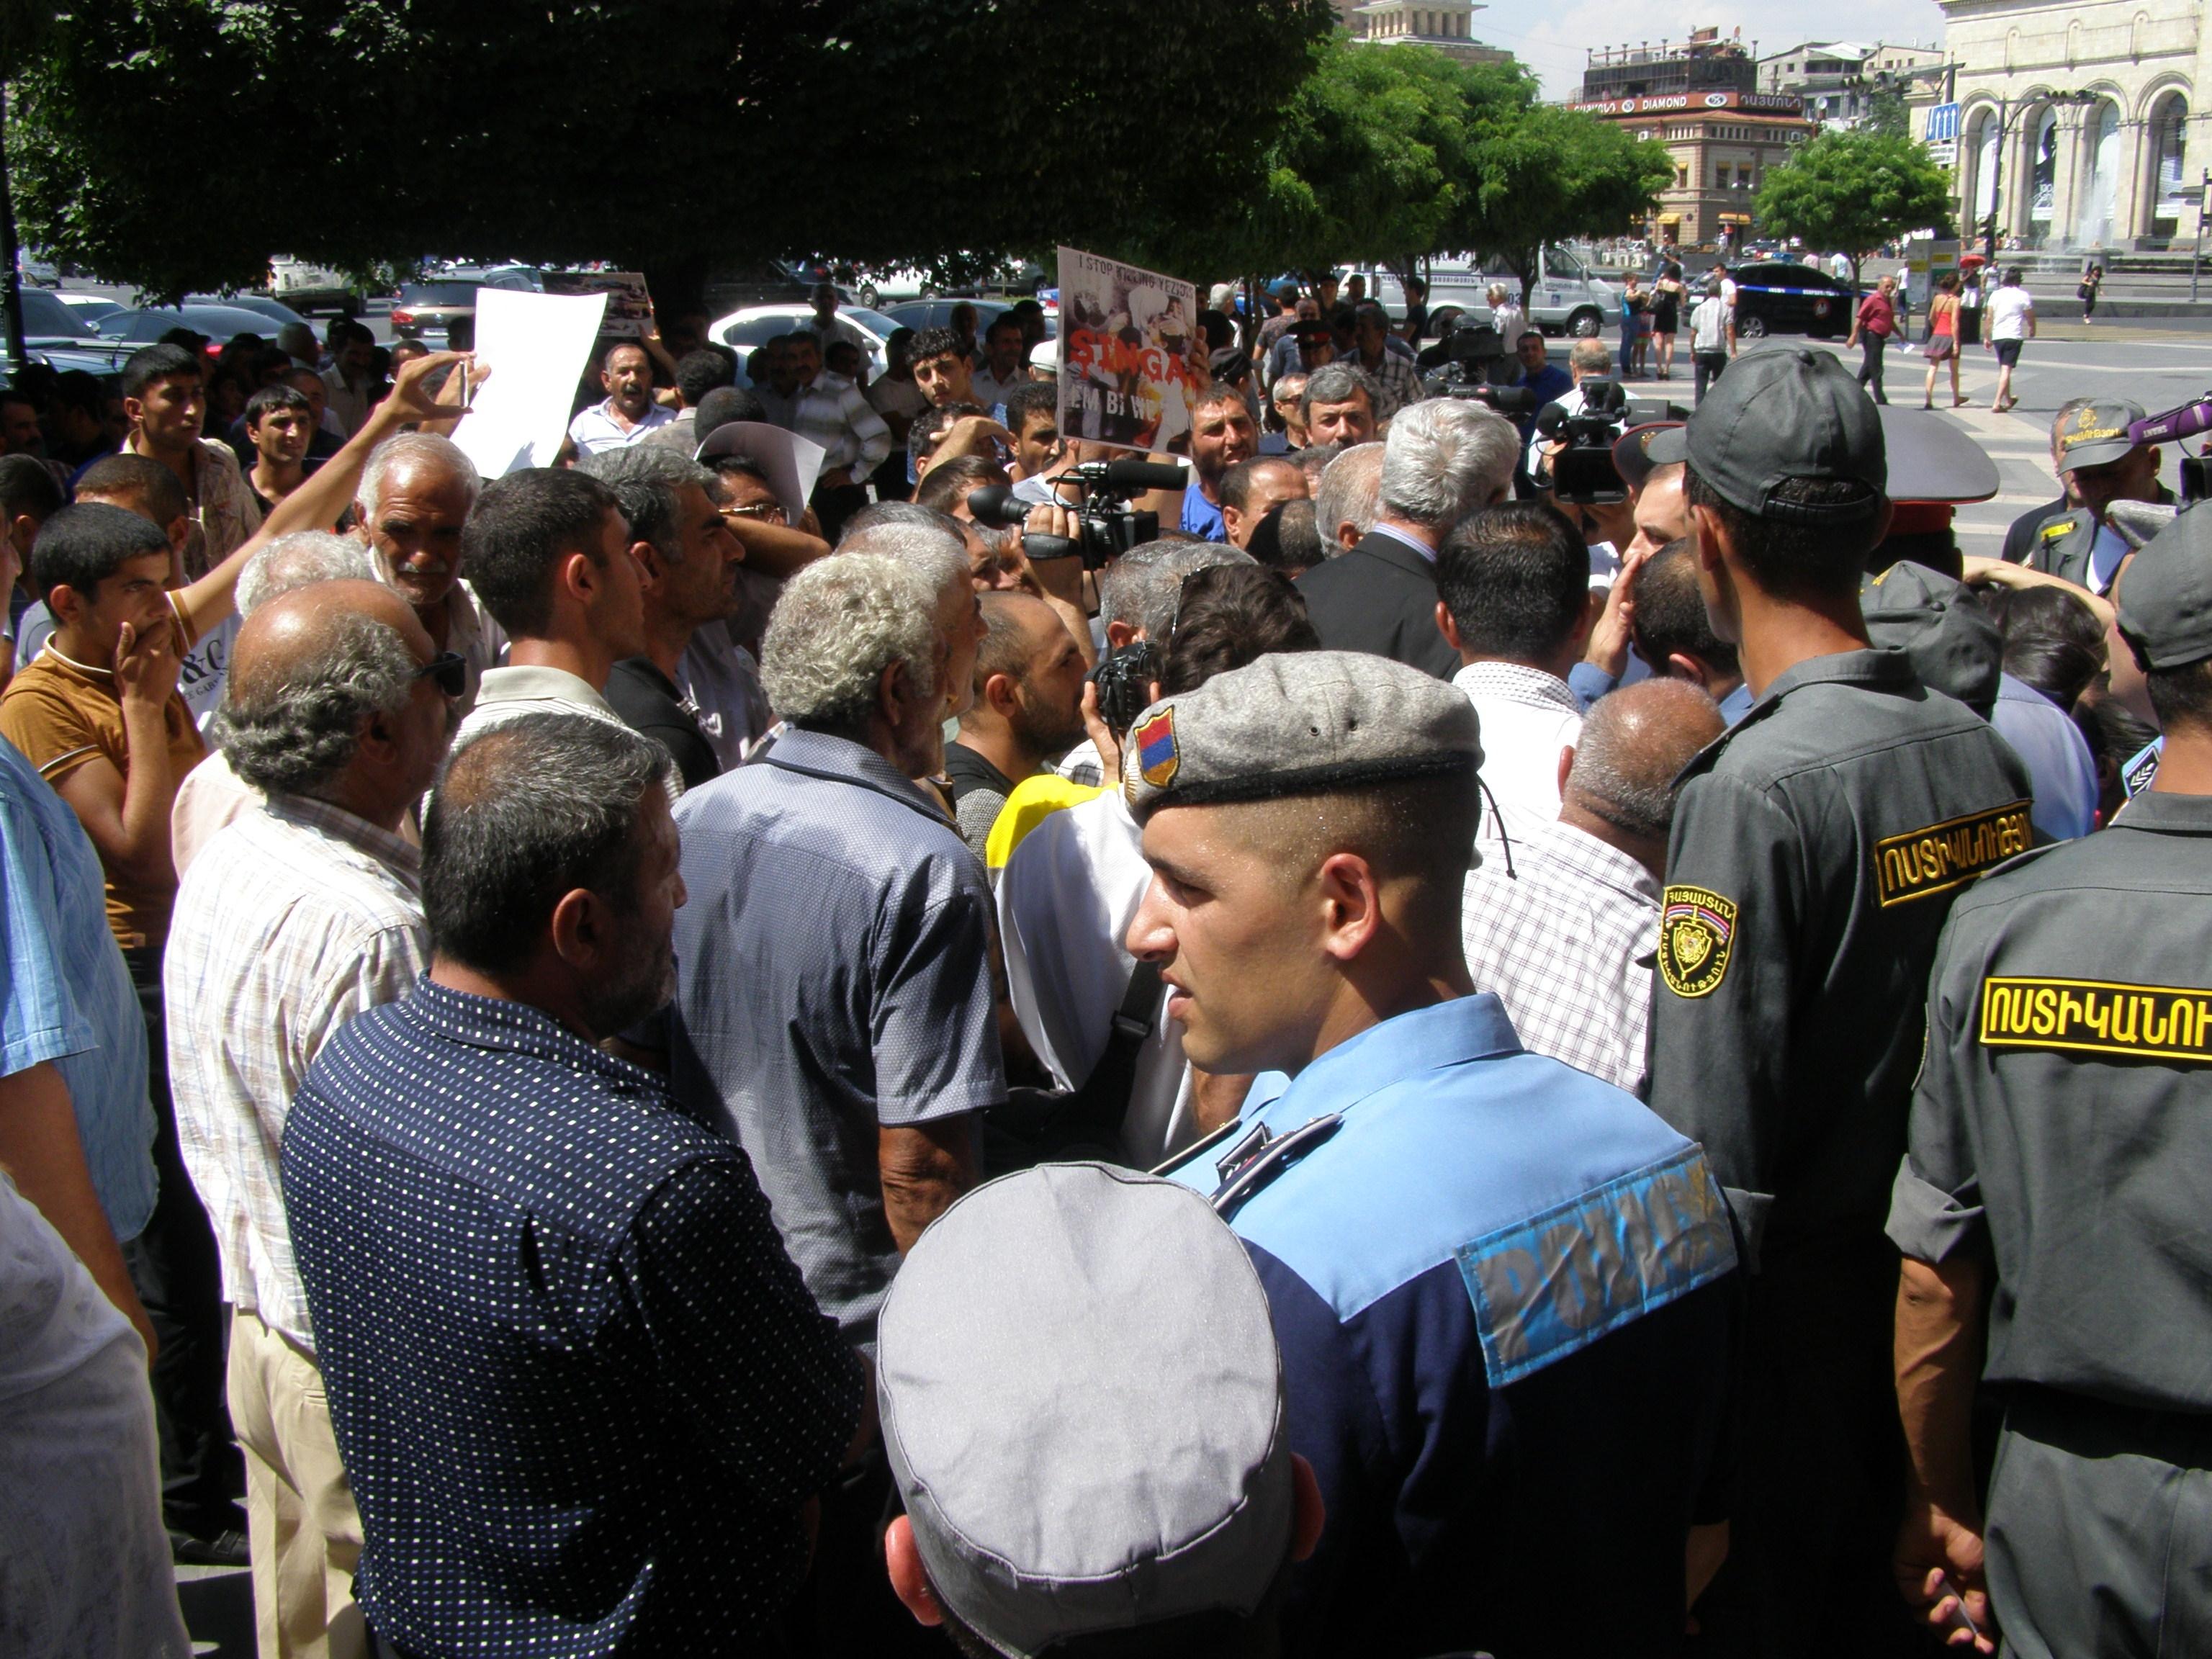 სომხეთში პოლიციელებსა და დემონსტრანტებს შორის შეტაკება მოხდა